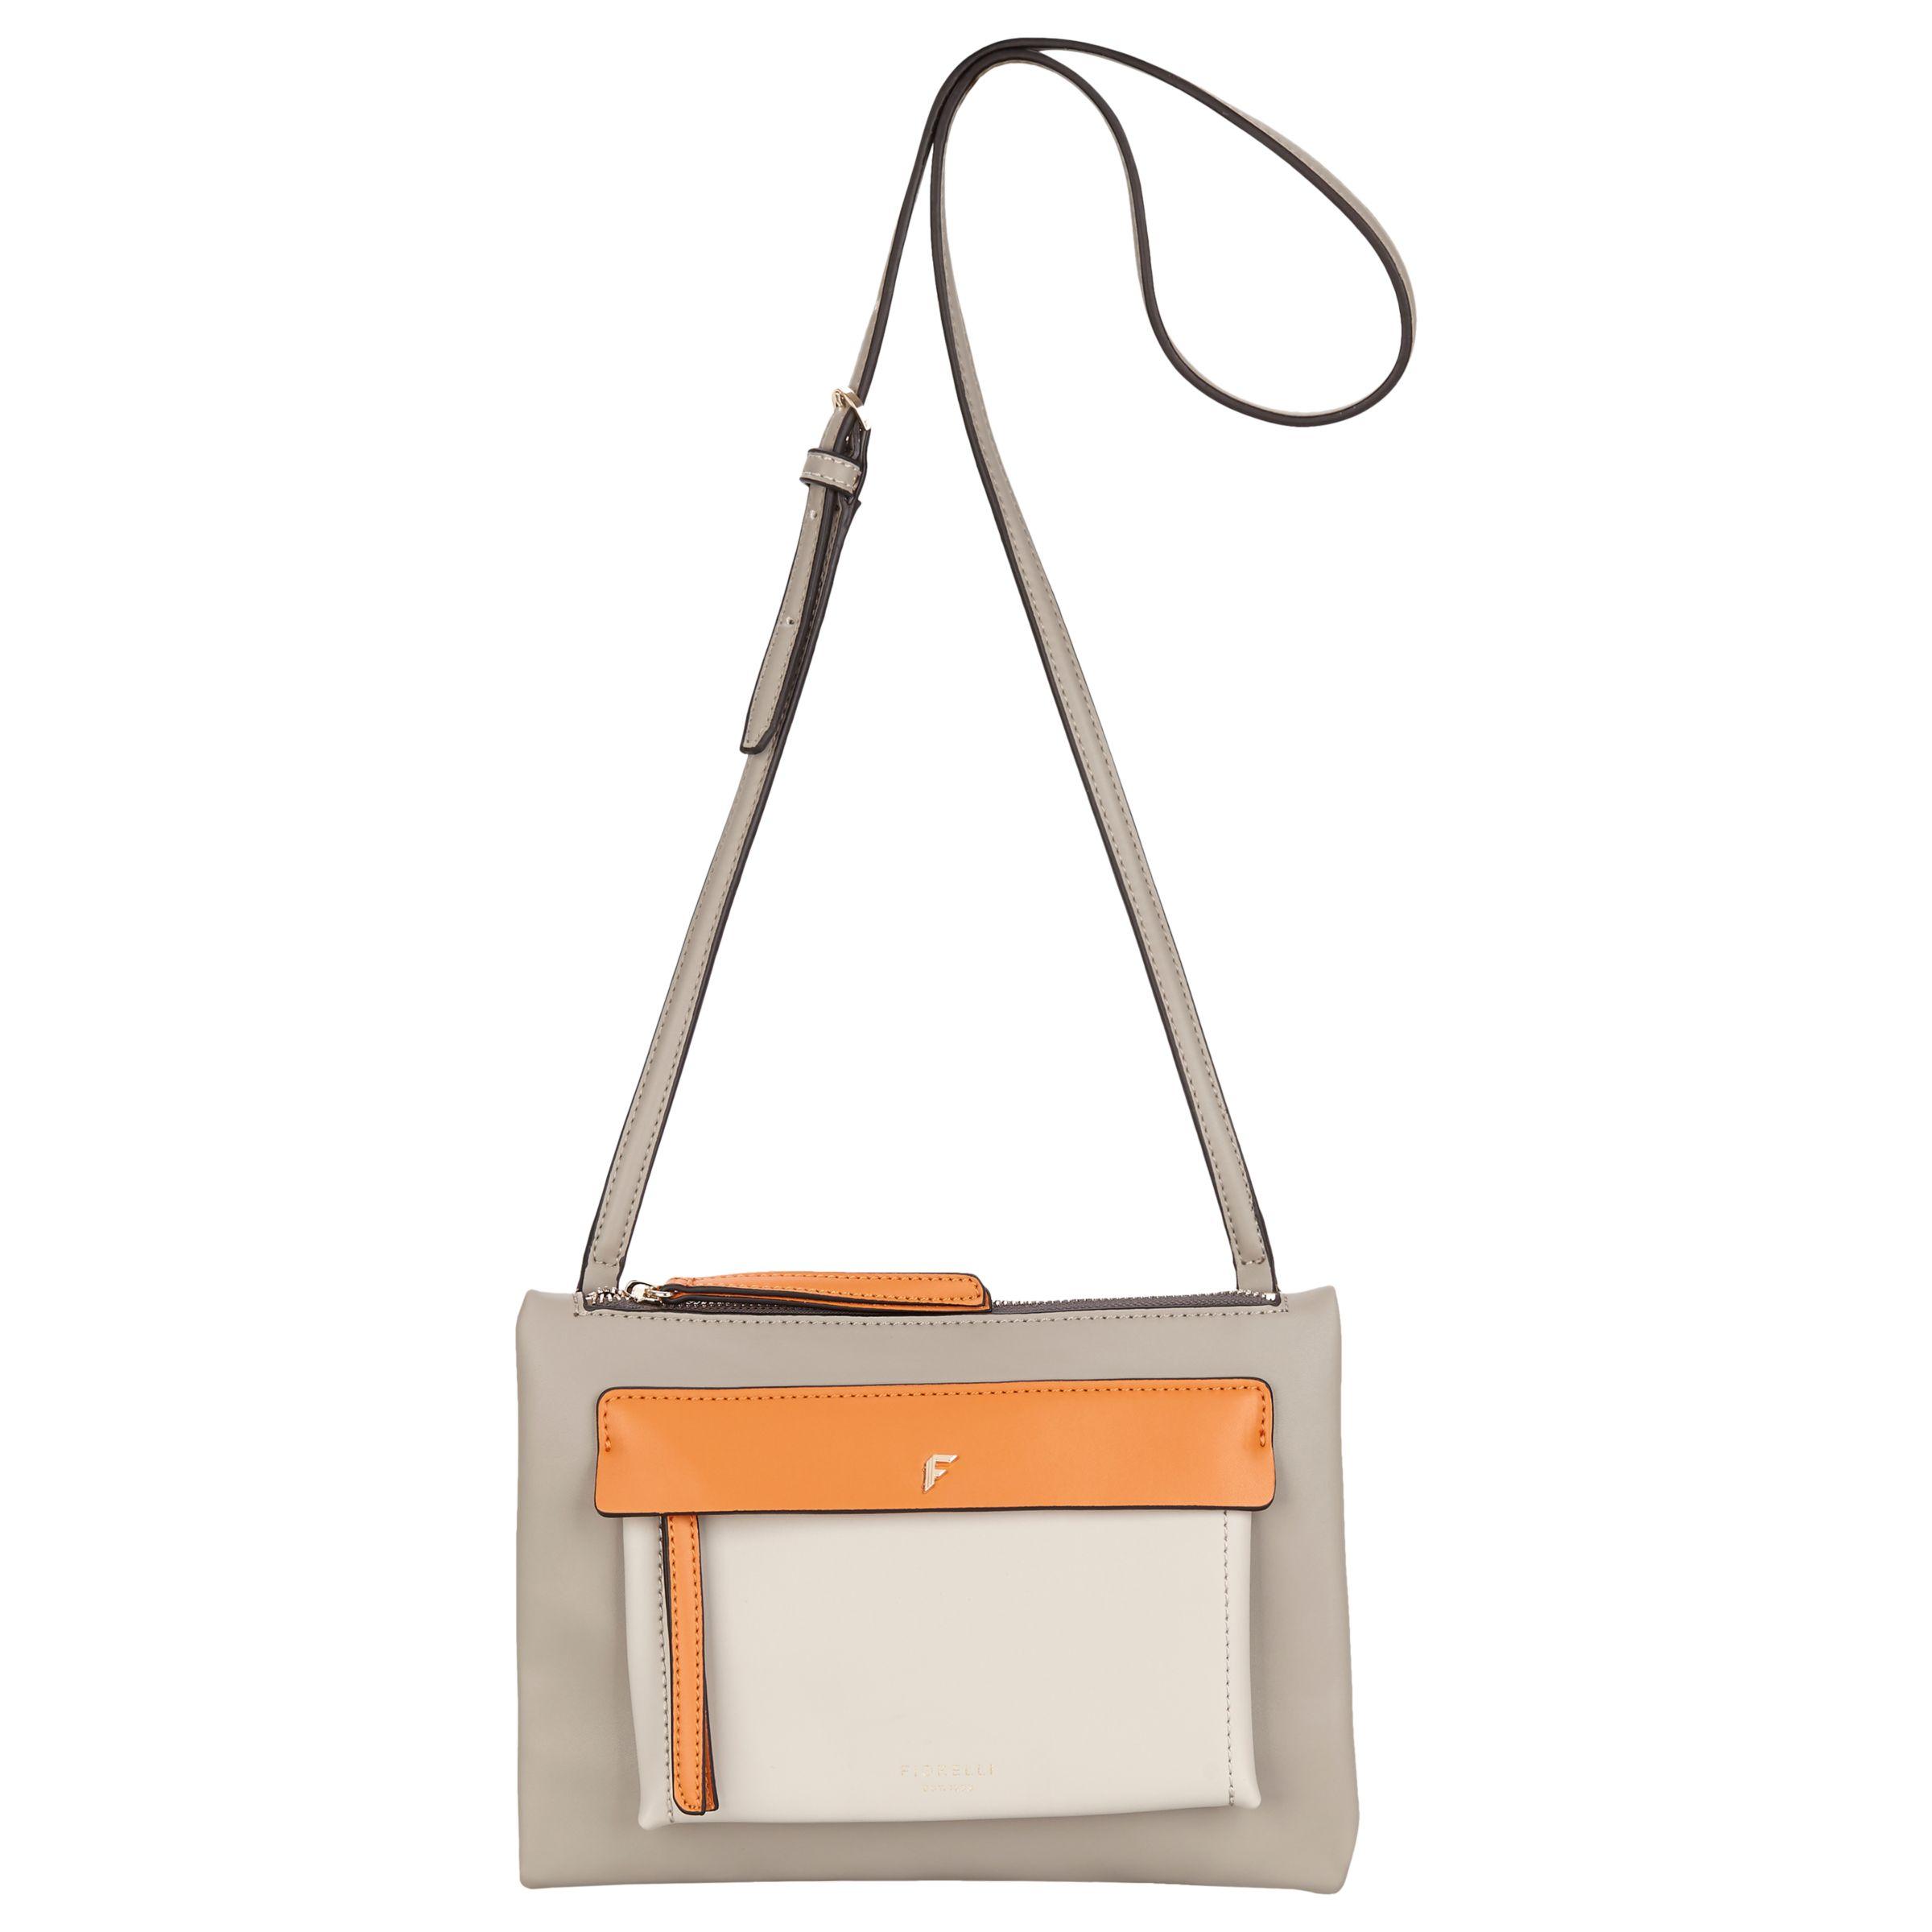 Fiorelli Fiorelli Alexa Across Body Bag